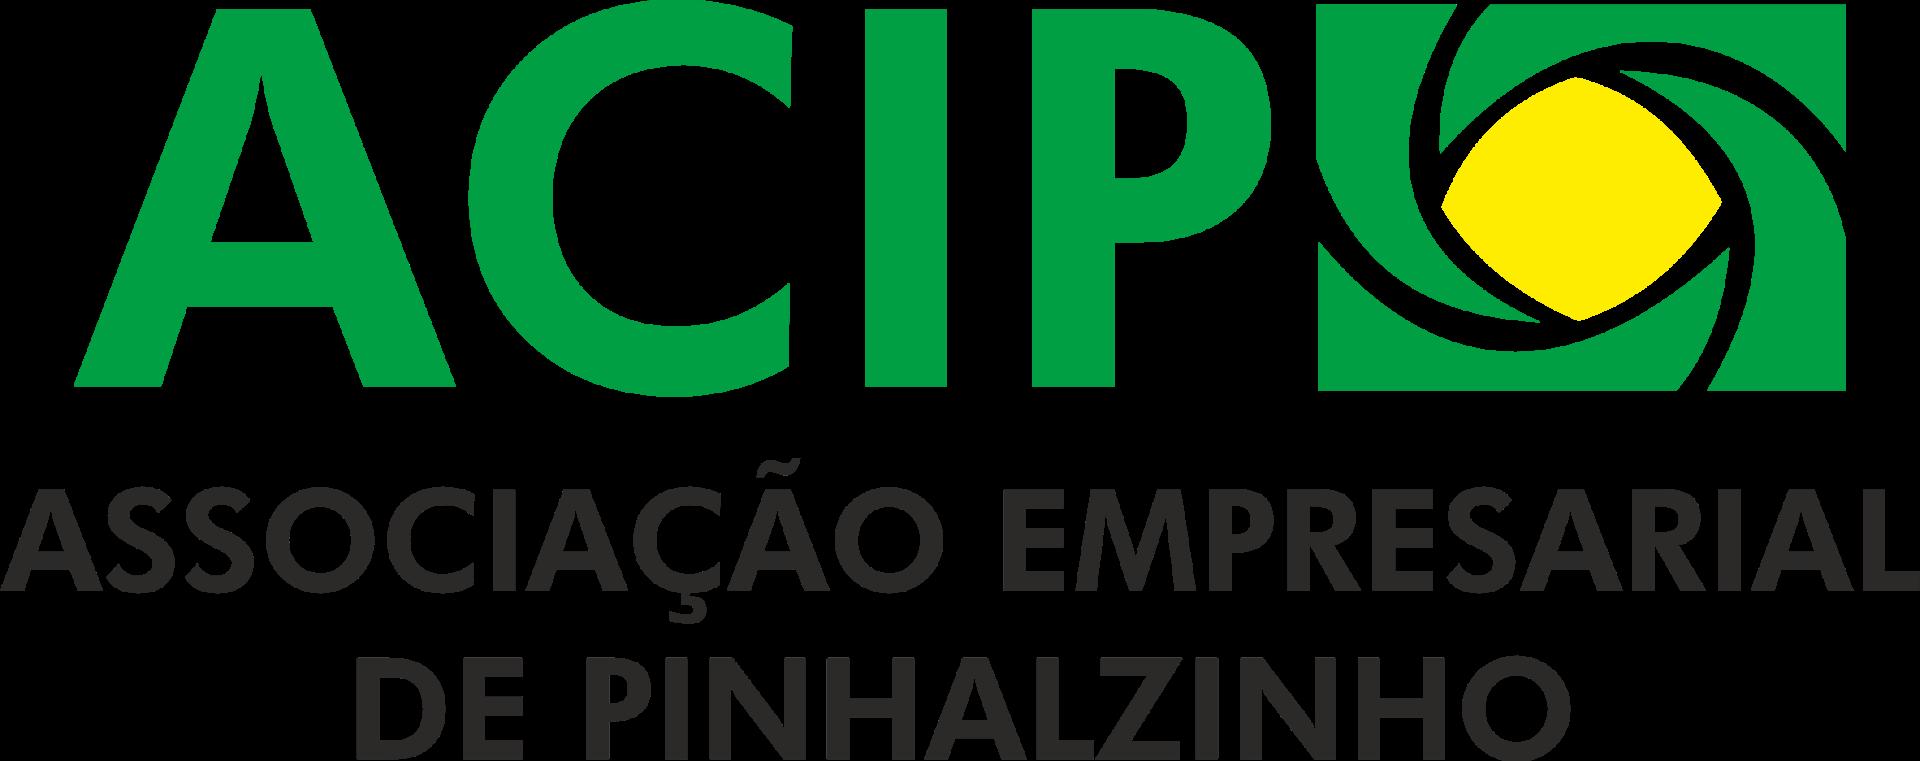 ACIP - Associação Empresarial de Pinhalzinho